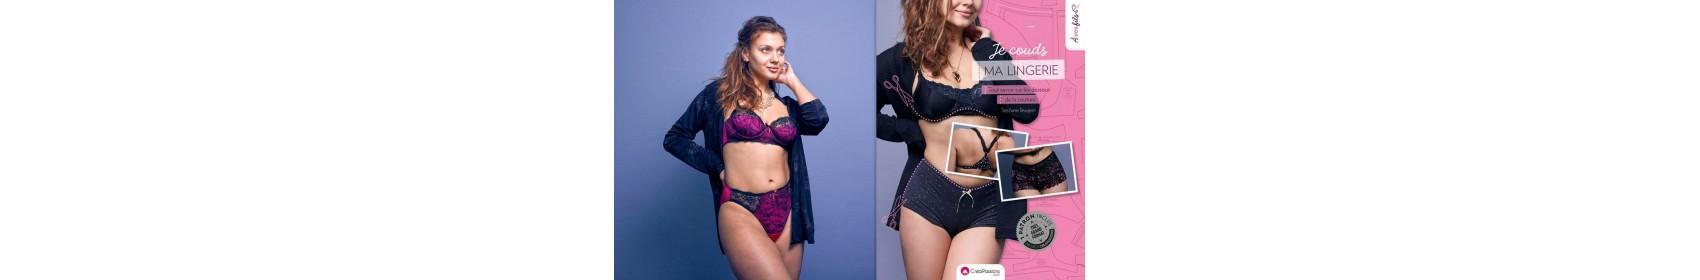 Livre lingerie Stéphanie Beaujean / SB couture